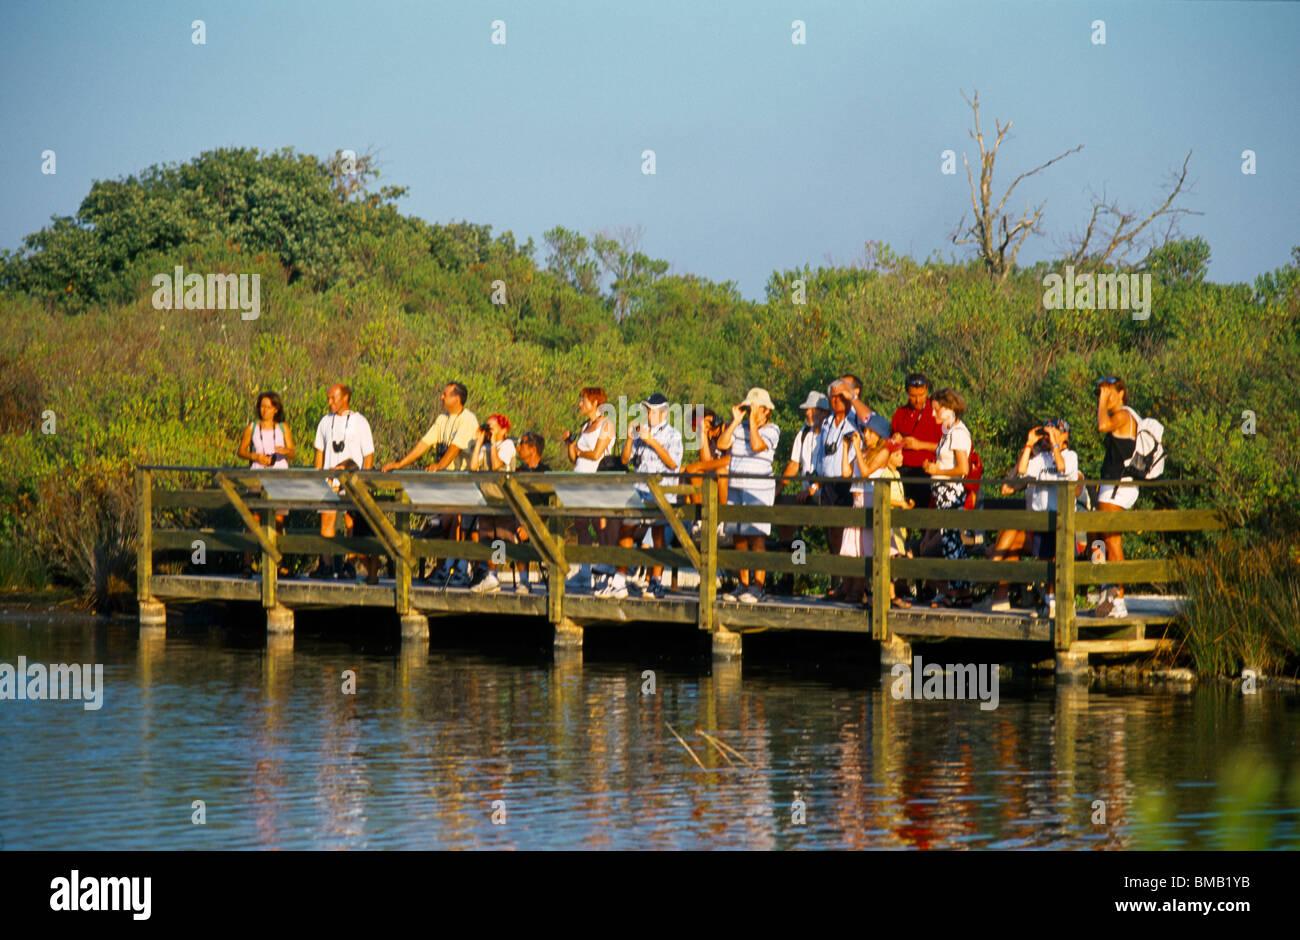 Le Teich France Parc Ornithologique Du Teich Nature Reserve People Bird Watching - Stock Image